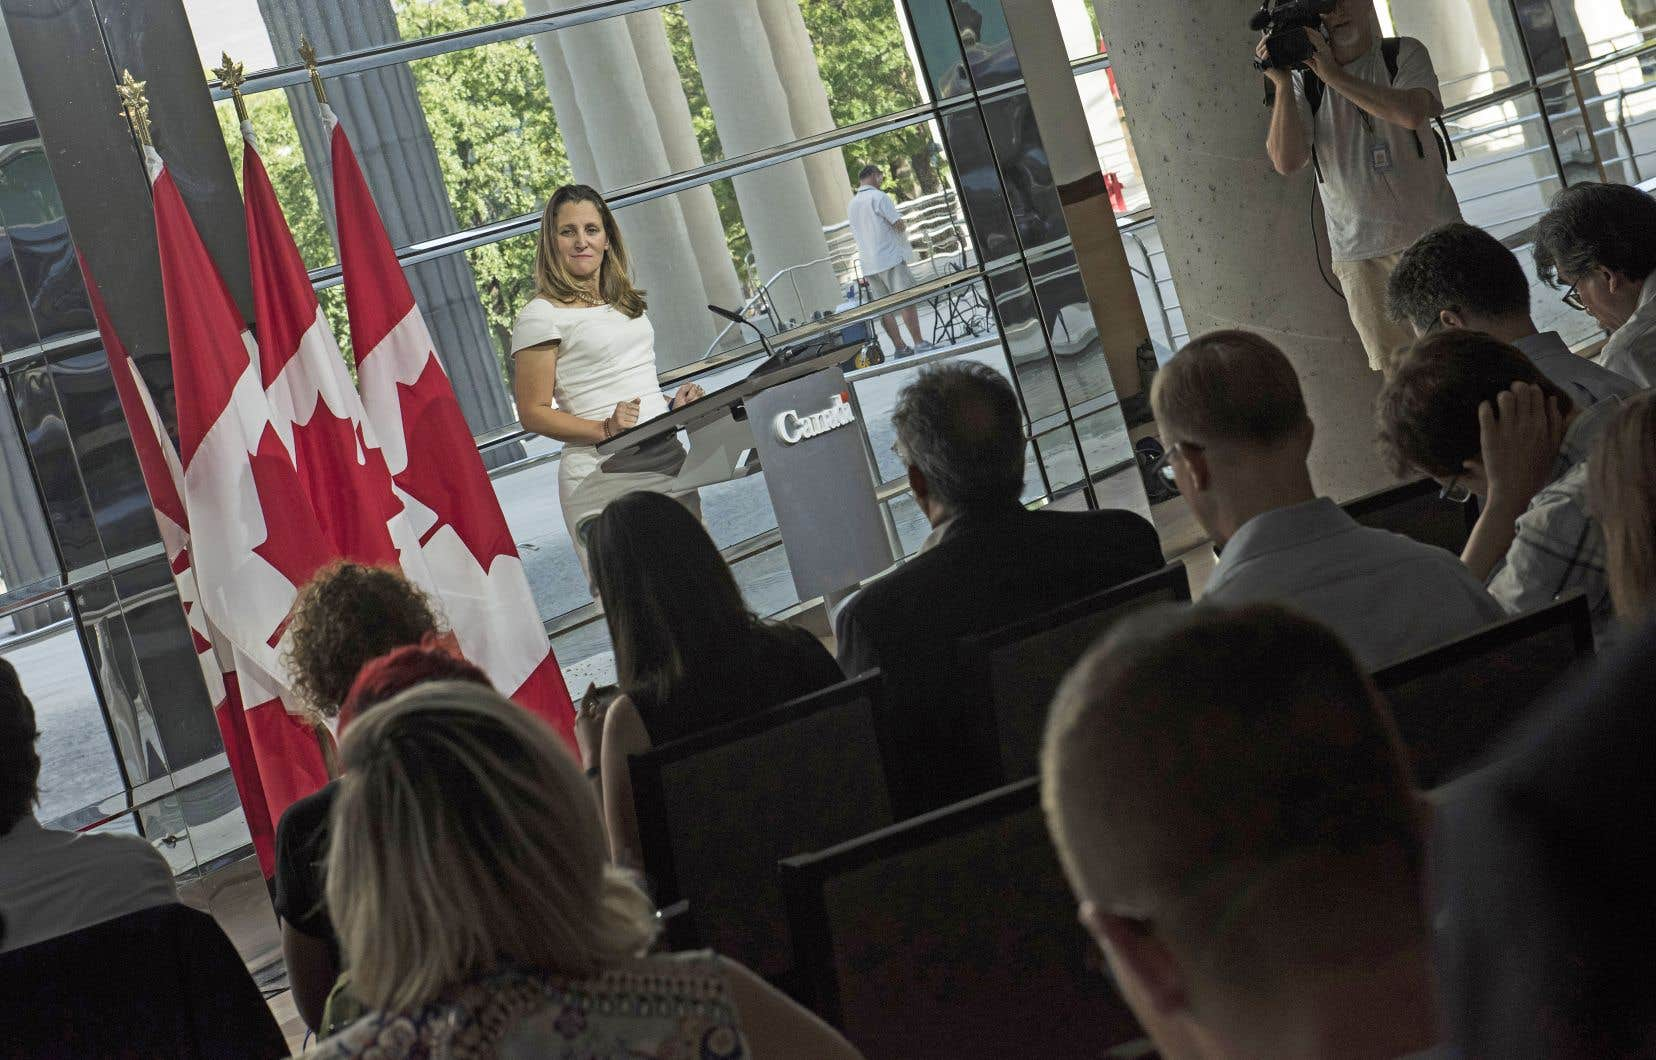 La ministre canadienne des Affaires étrangères, Chrystia Freeland, en conférence de presse. Un nouvel ALENA, négocié sous la contrainte, dans le seul but de servir les intérêts d'une élection de mi-mandat aux États-Unis, deviendra un mauvais accord pour les Canadiens.